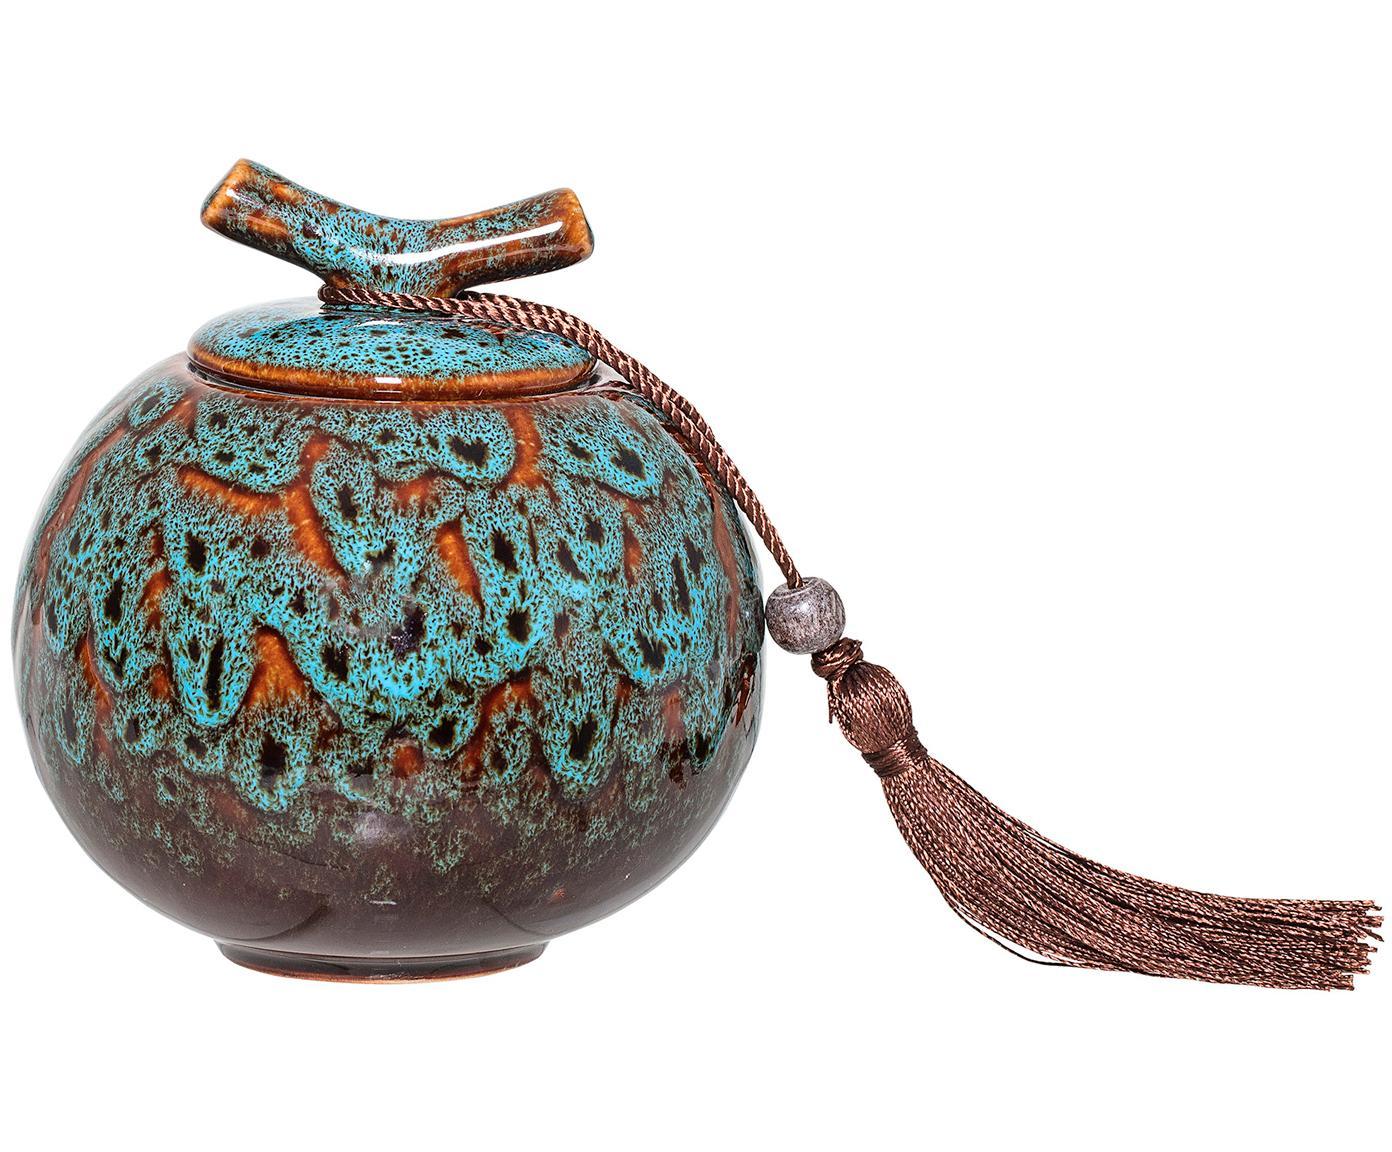 Bote decorativo Ebba, Tonos de turquesa y marrones, Ø 11 x Al 13 cm